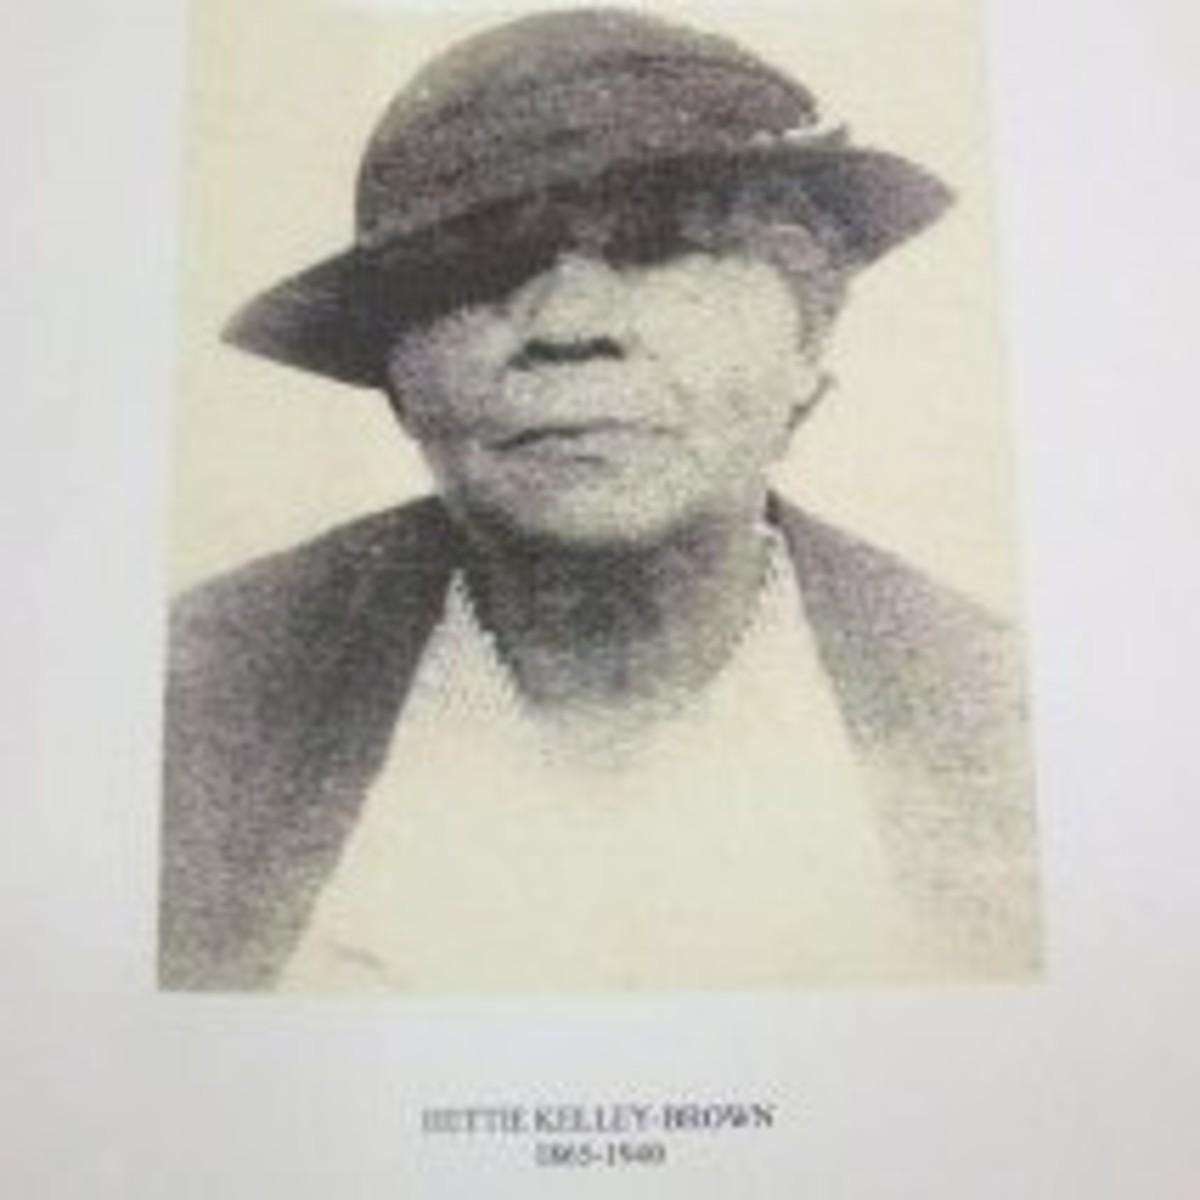 Hettie in her old age